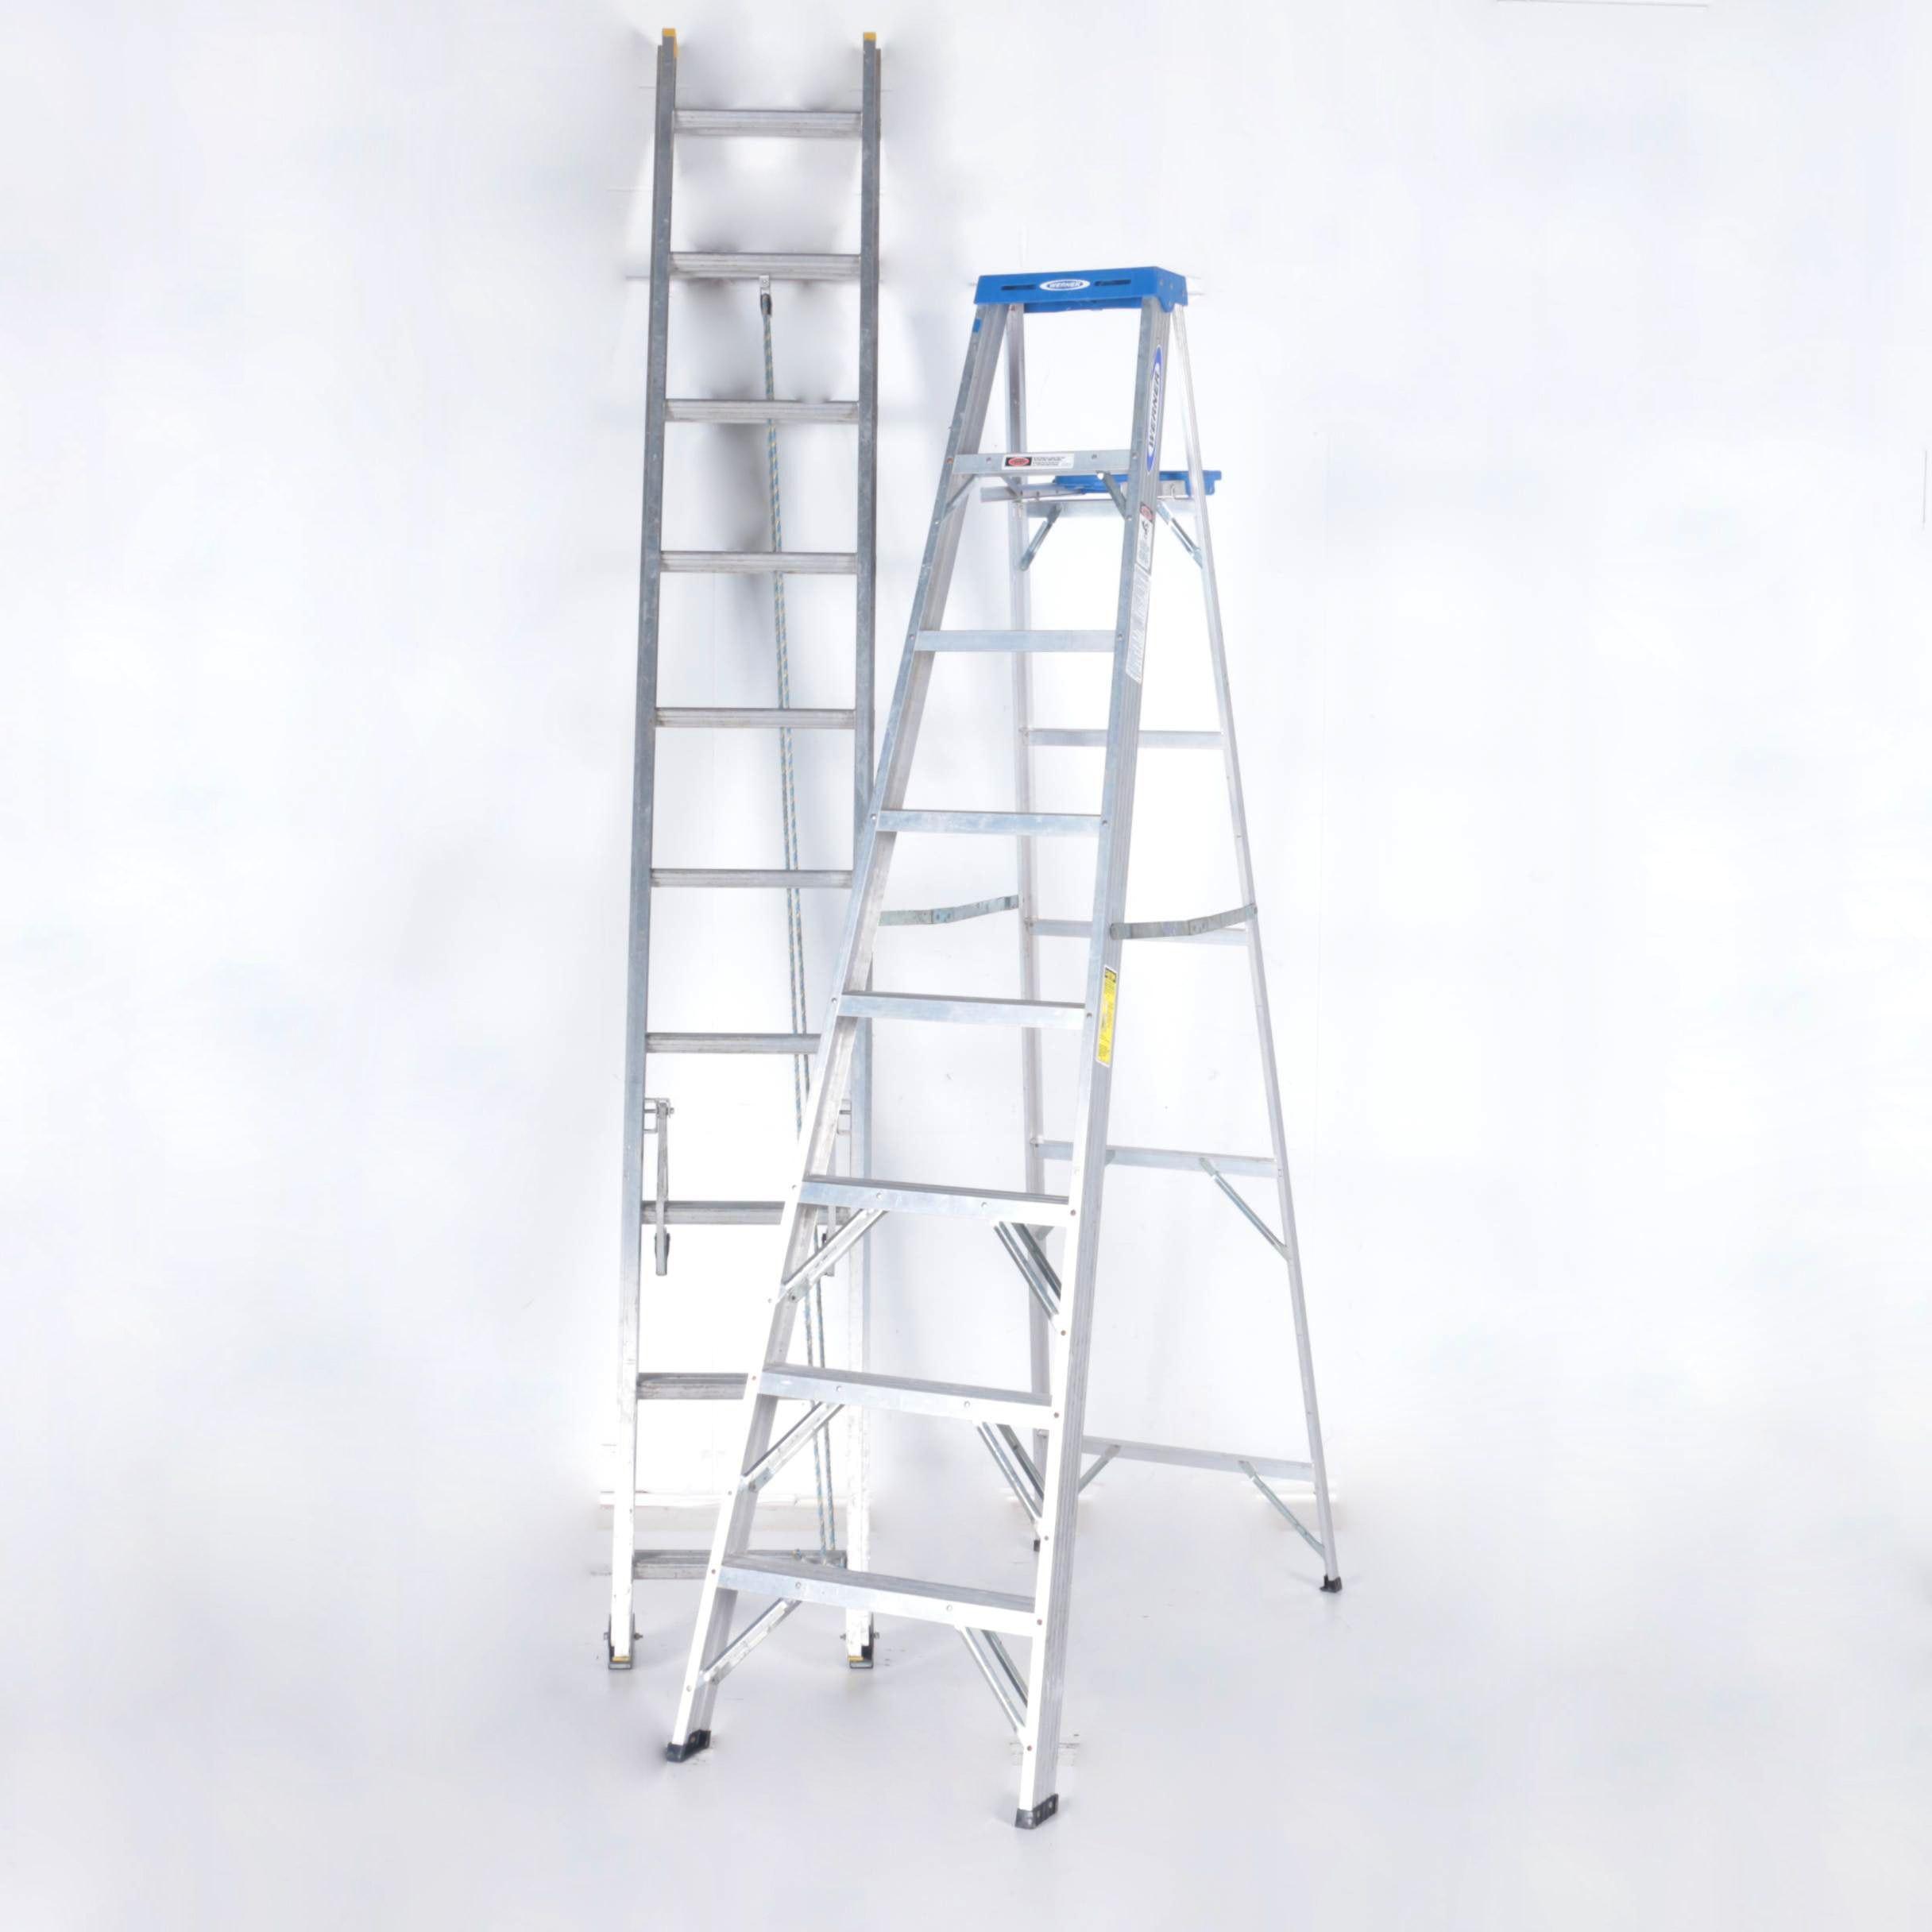 Pair of Industrial Ladders